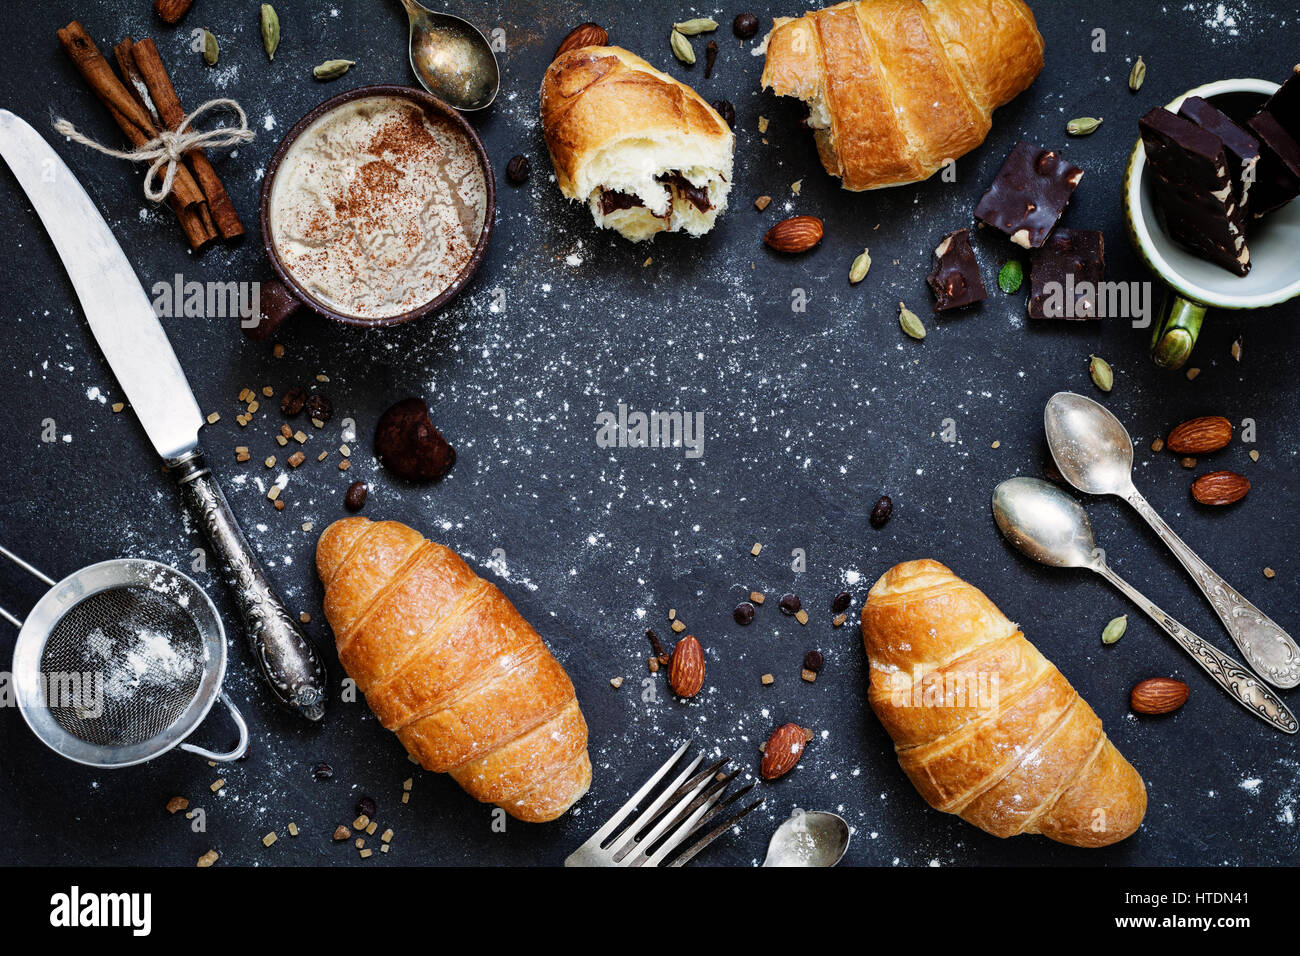 Kaffee, Croissants, Schokolade, Gewürzen, Nüssen und Vintage Besteck. Wohnung lag Zusammensetzung des Stockbild